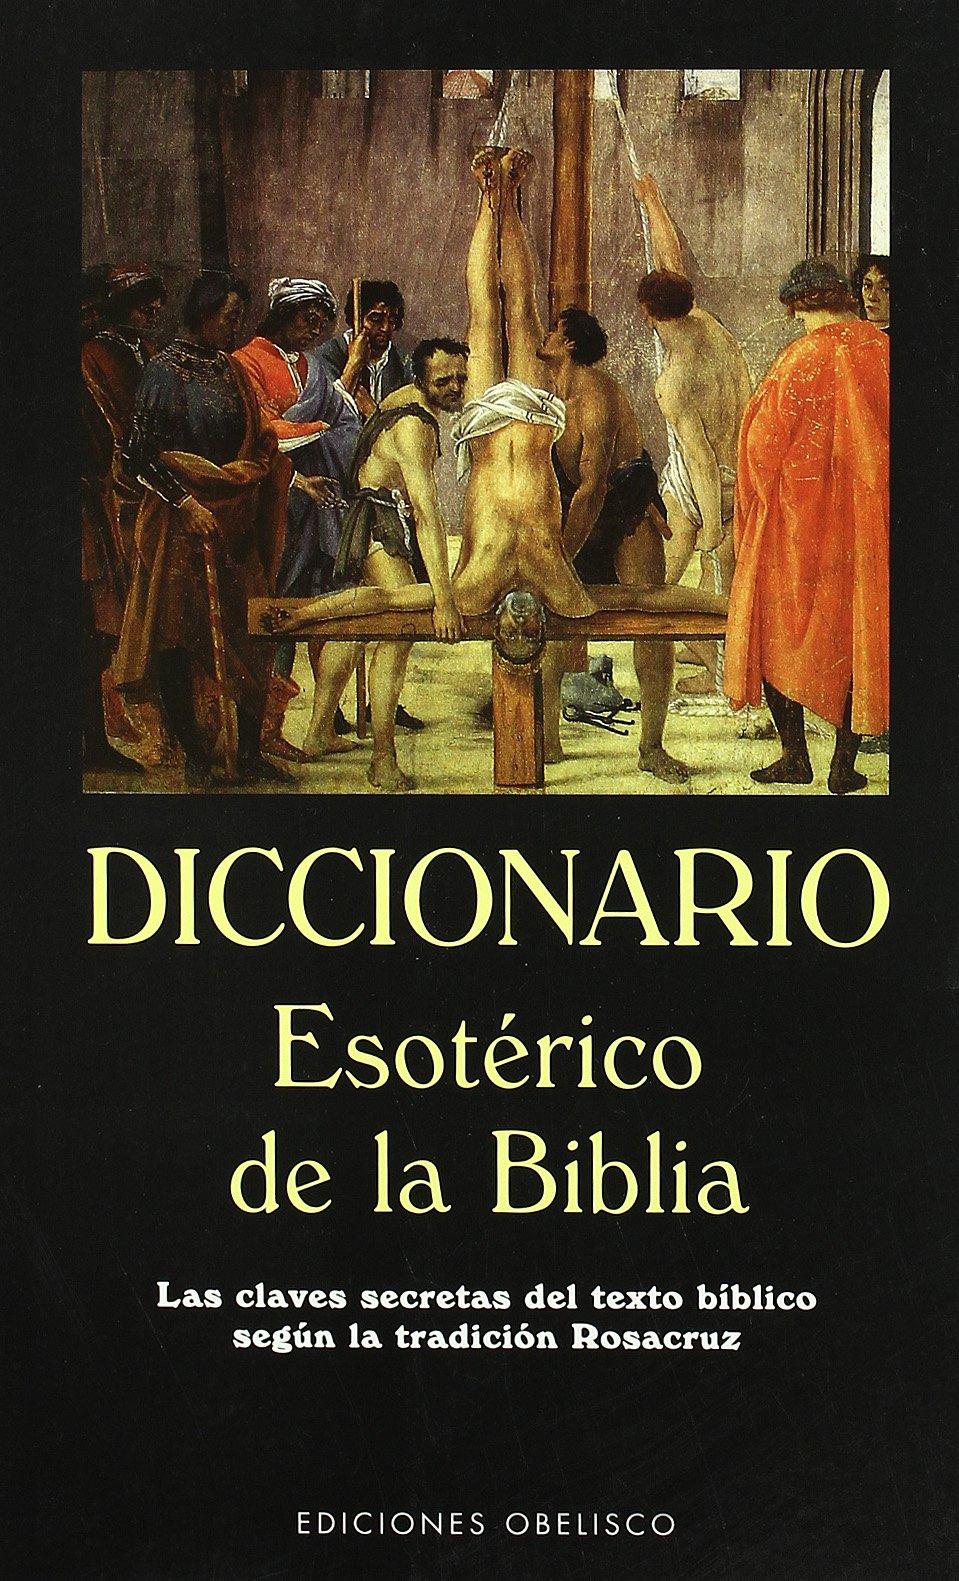 Diccionario Esoterico de La Biblia (Spanish Edition) by Obelisco